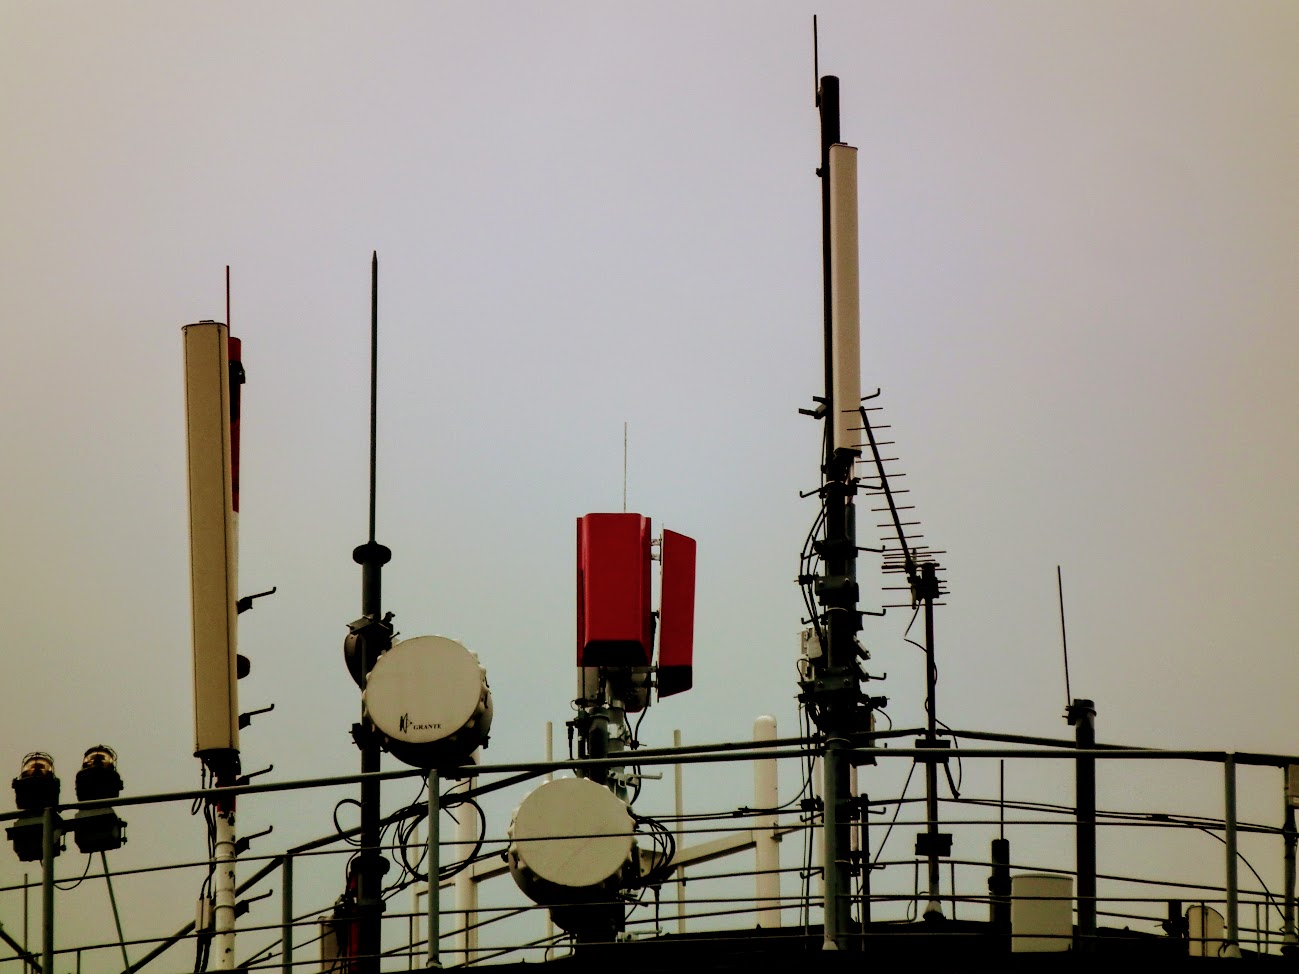 Kecskemét/víztorony, Ipoly utca - DVB-T gapfiller+helyi URH-FM adóállomás